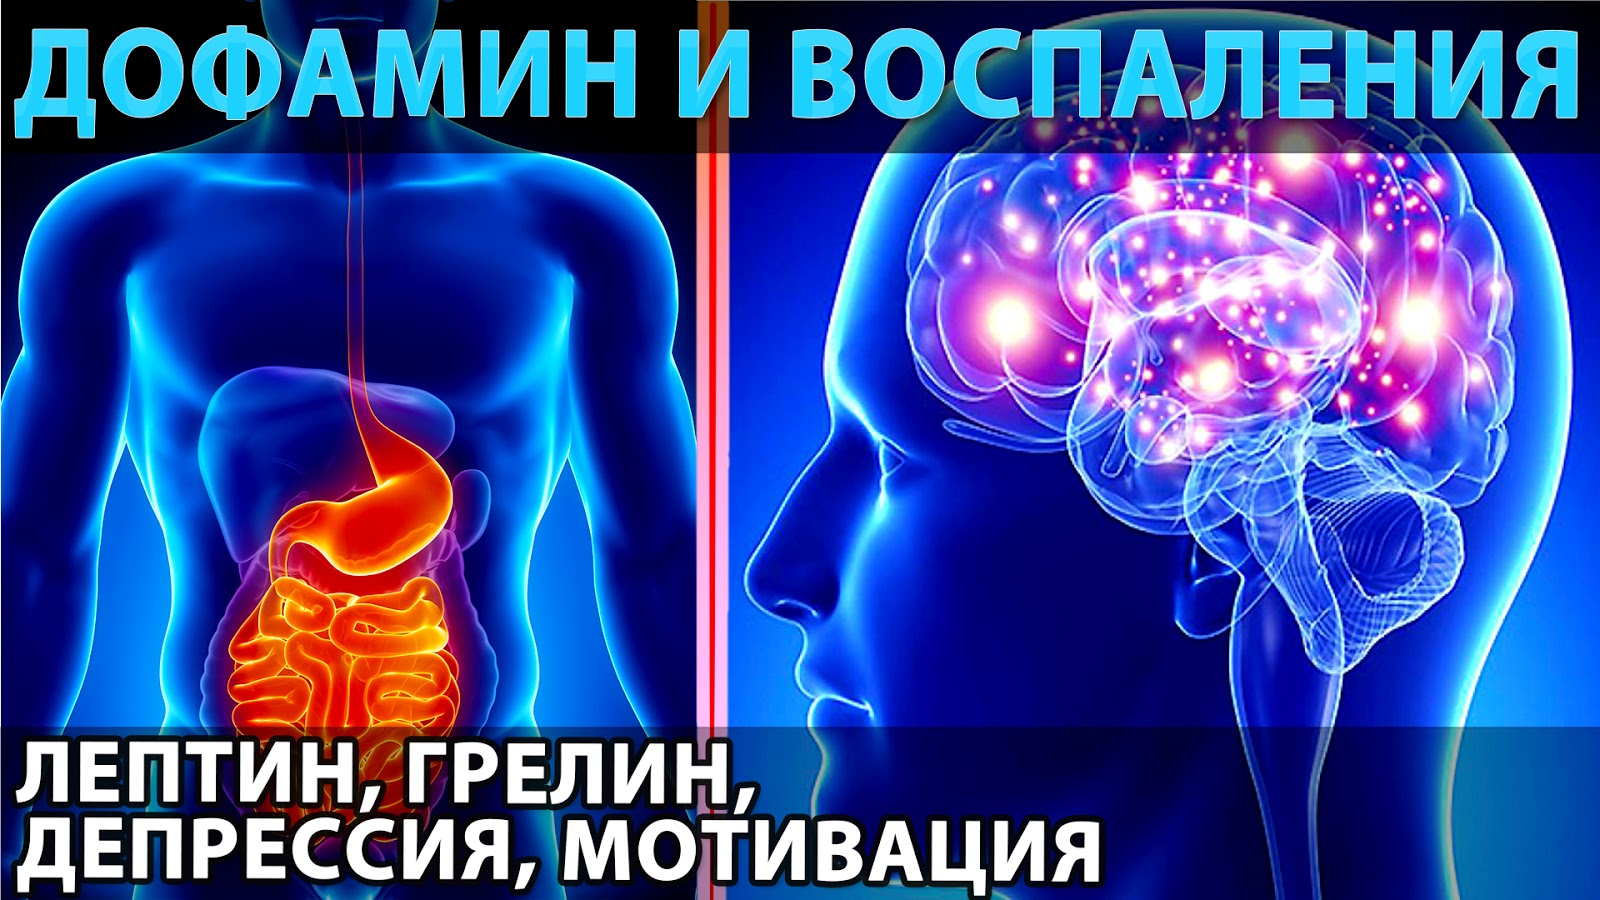 Дофамин и воспаления, мотивация и депрессия